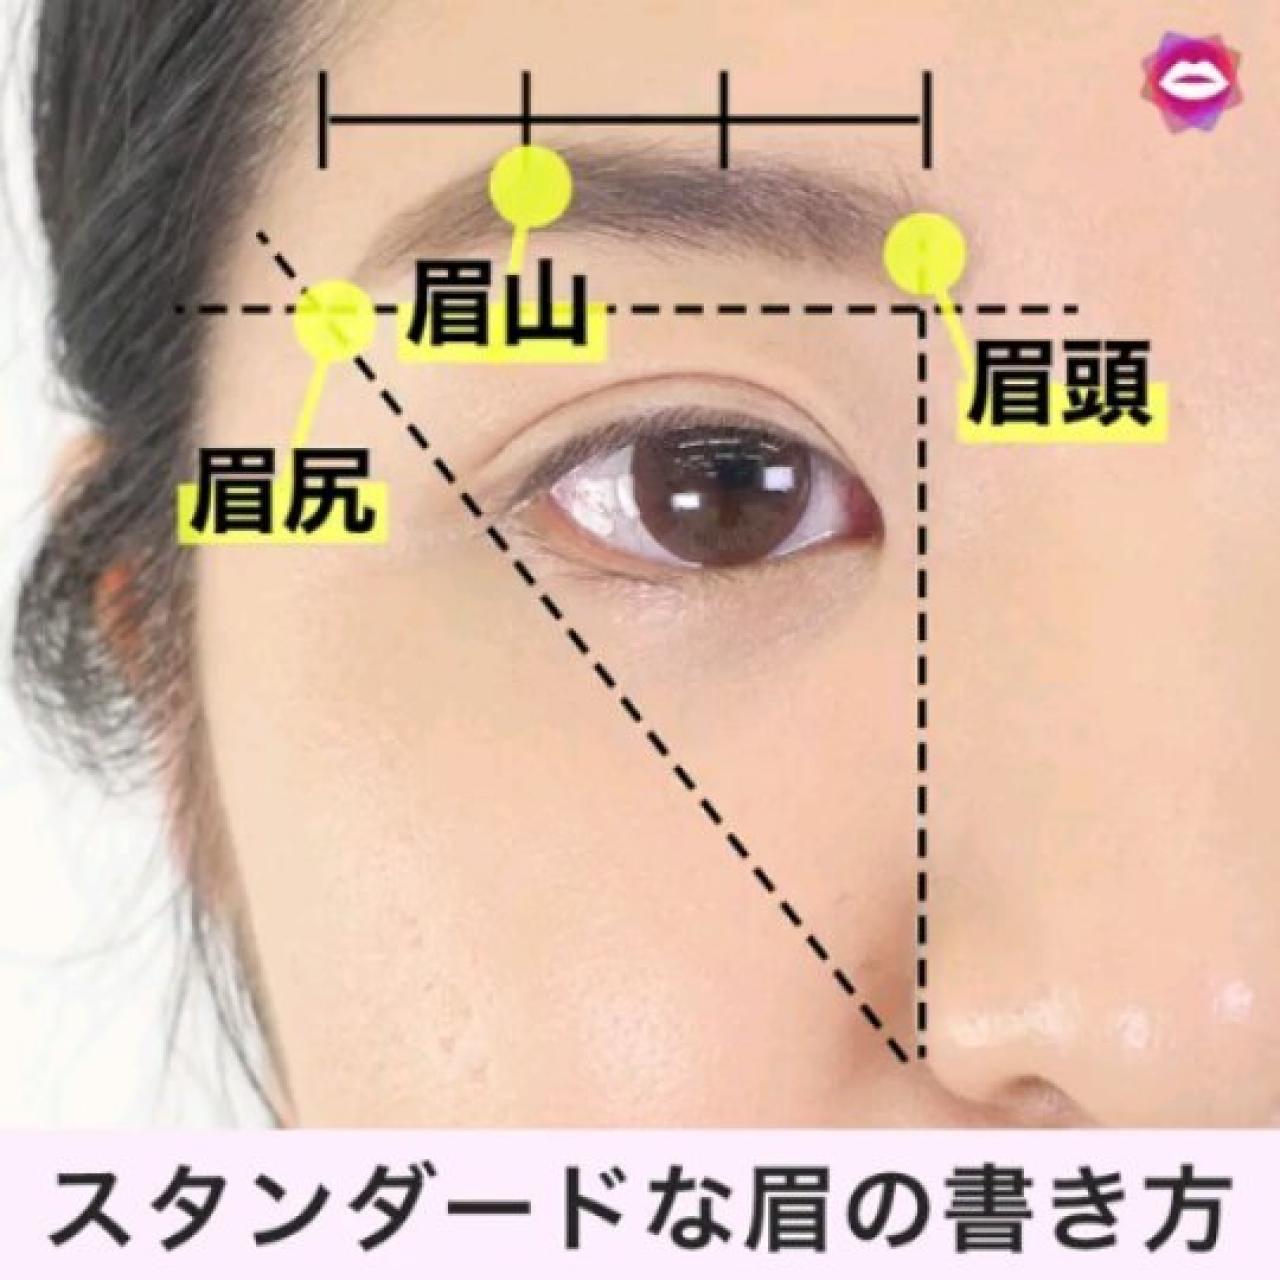 眉は小鼻・目を目安に描くとバランスを取りやすい